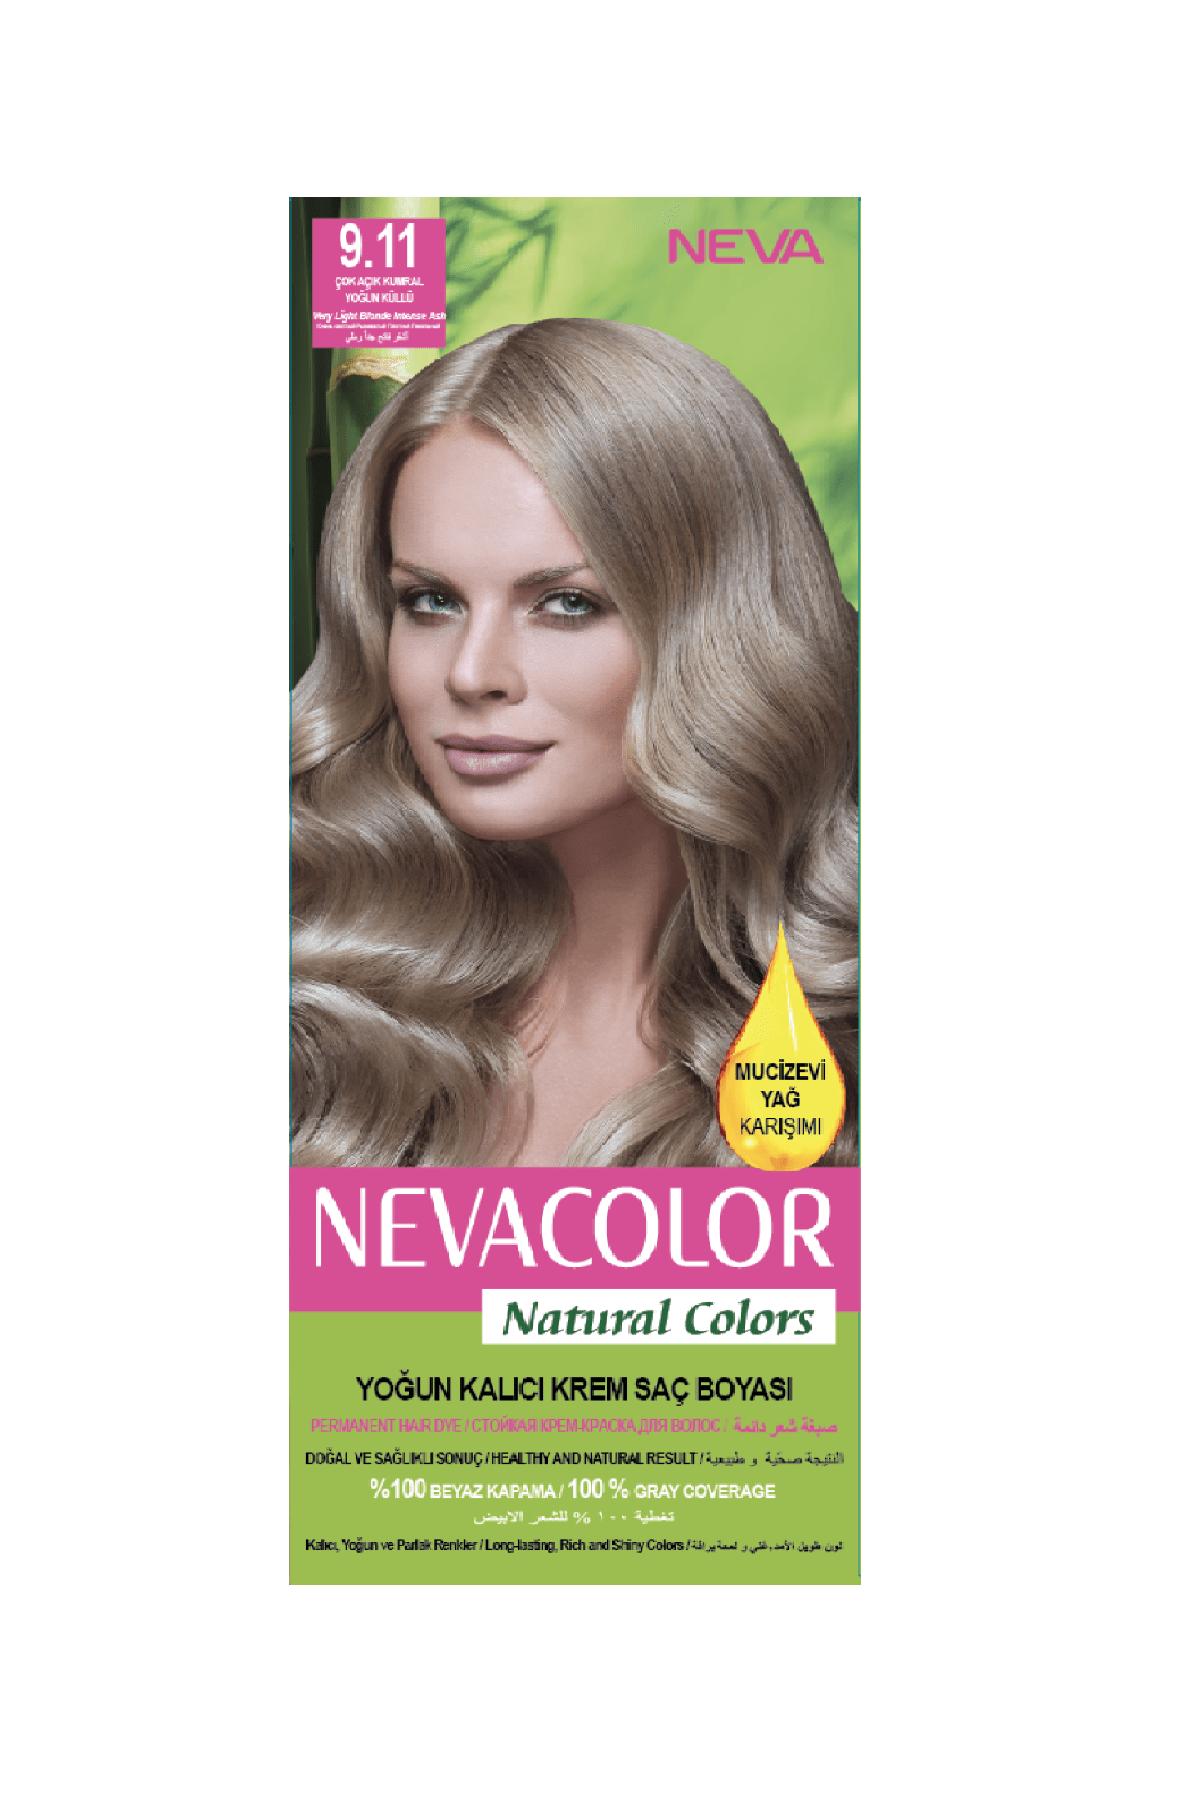 Neva Color Saç Boyası Seti 9.11 Çok Açık Kumral Yoğun Küllü  8698636612005 1